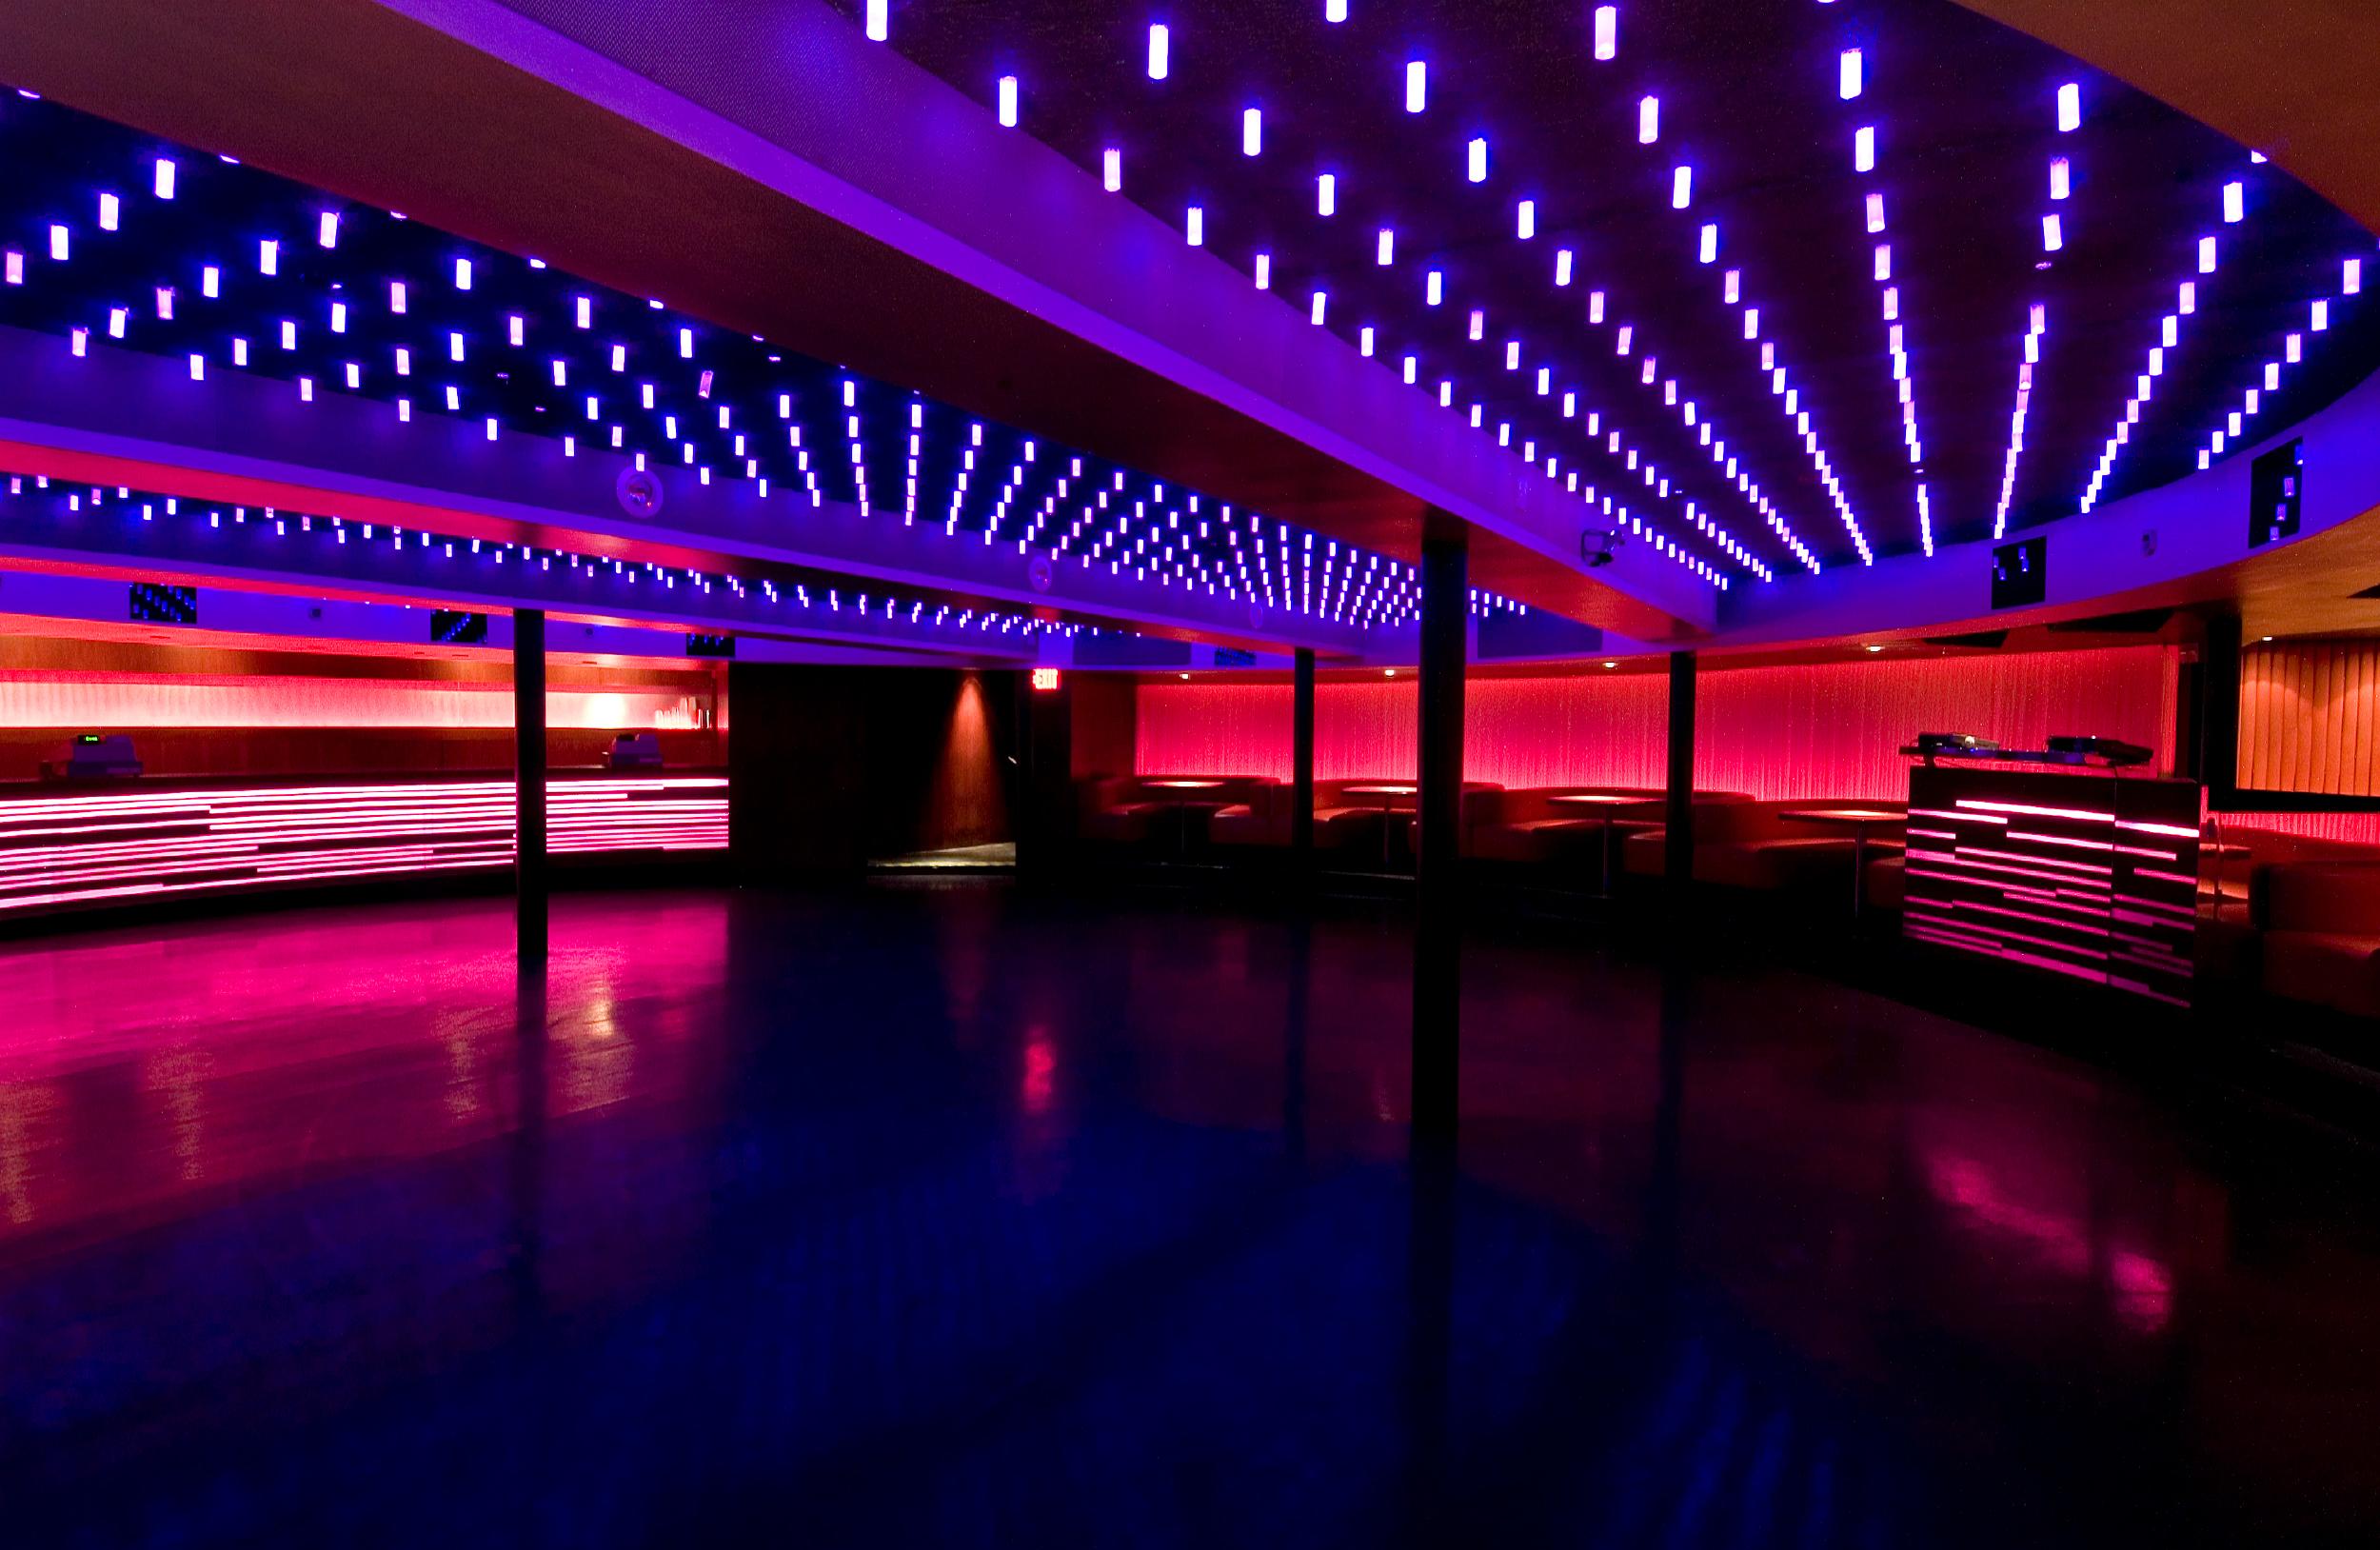 1015 Folsom Nightclub Lounge